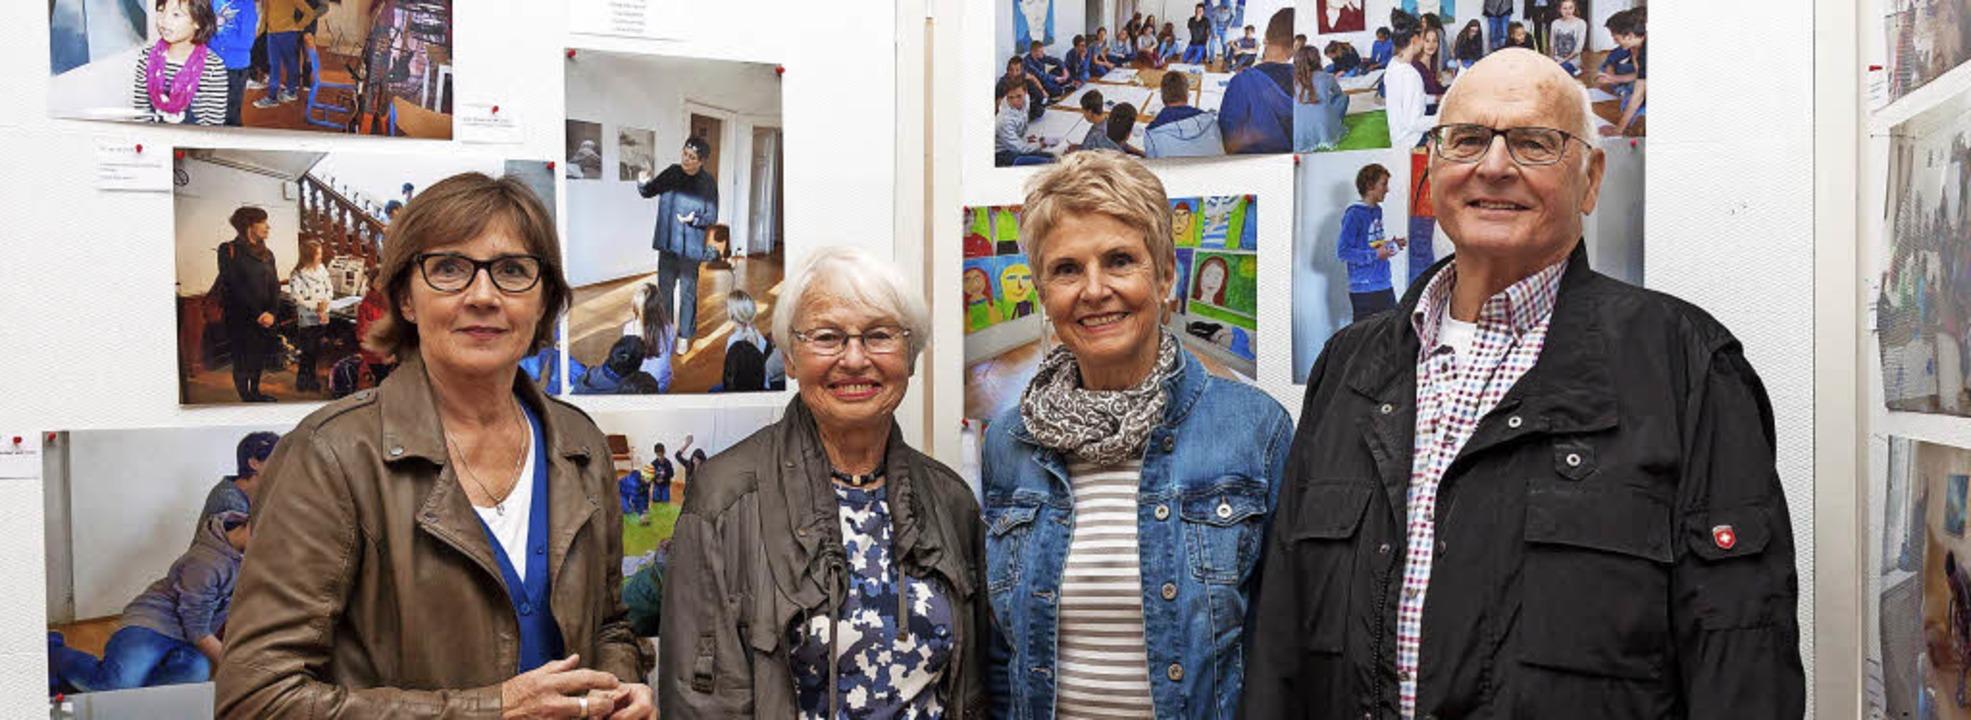 Freuen sich auf die Ausstellungseröffn...Volker Lindemann und Ulrike Schräder.     Foto: Fotos: Helmut Rothermel